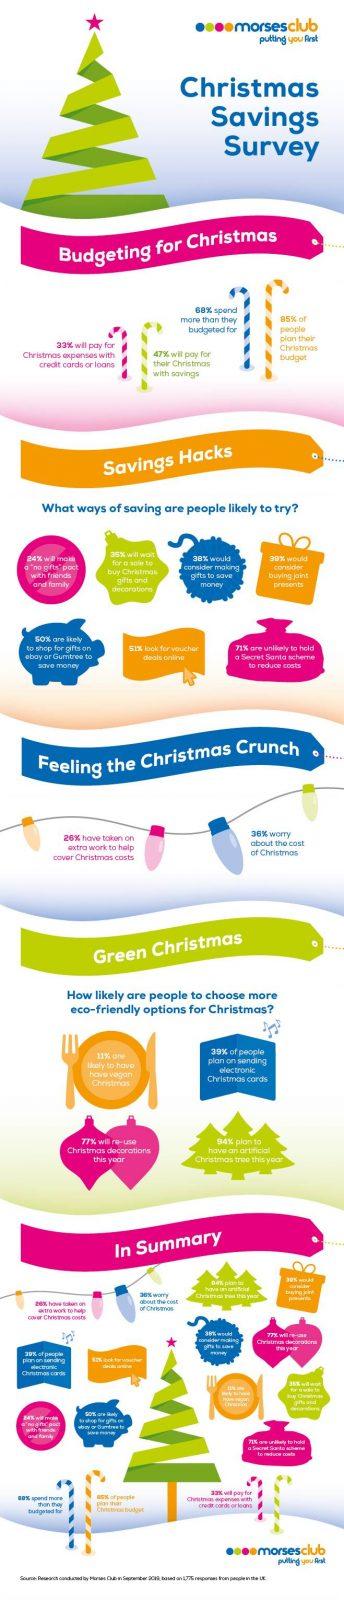 morses infographic